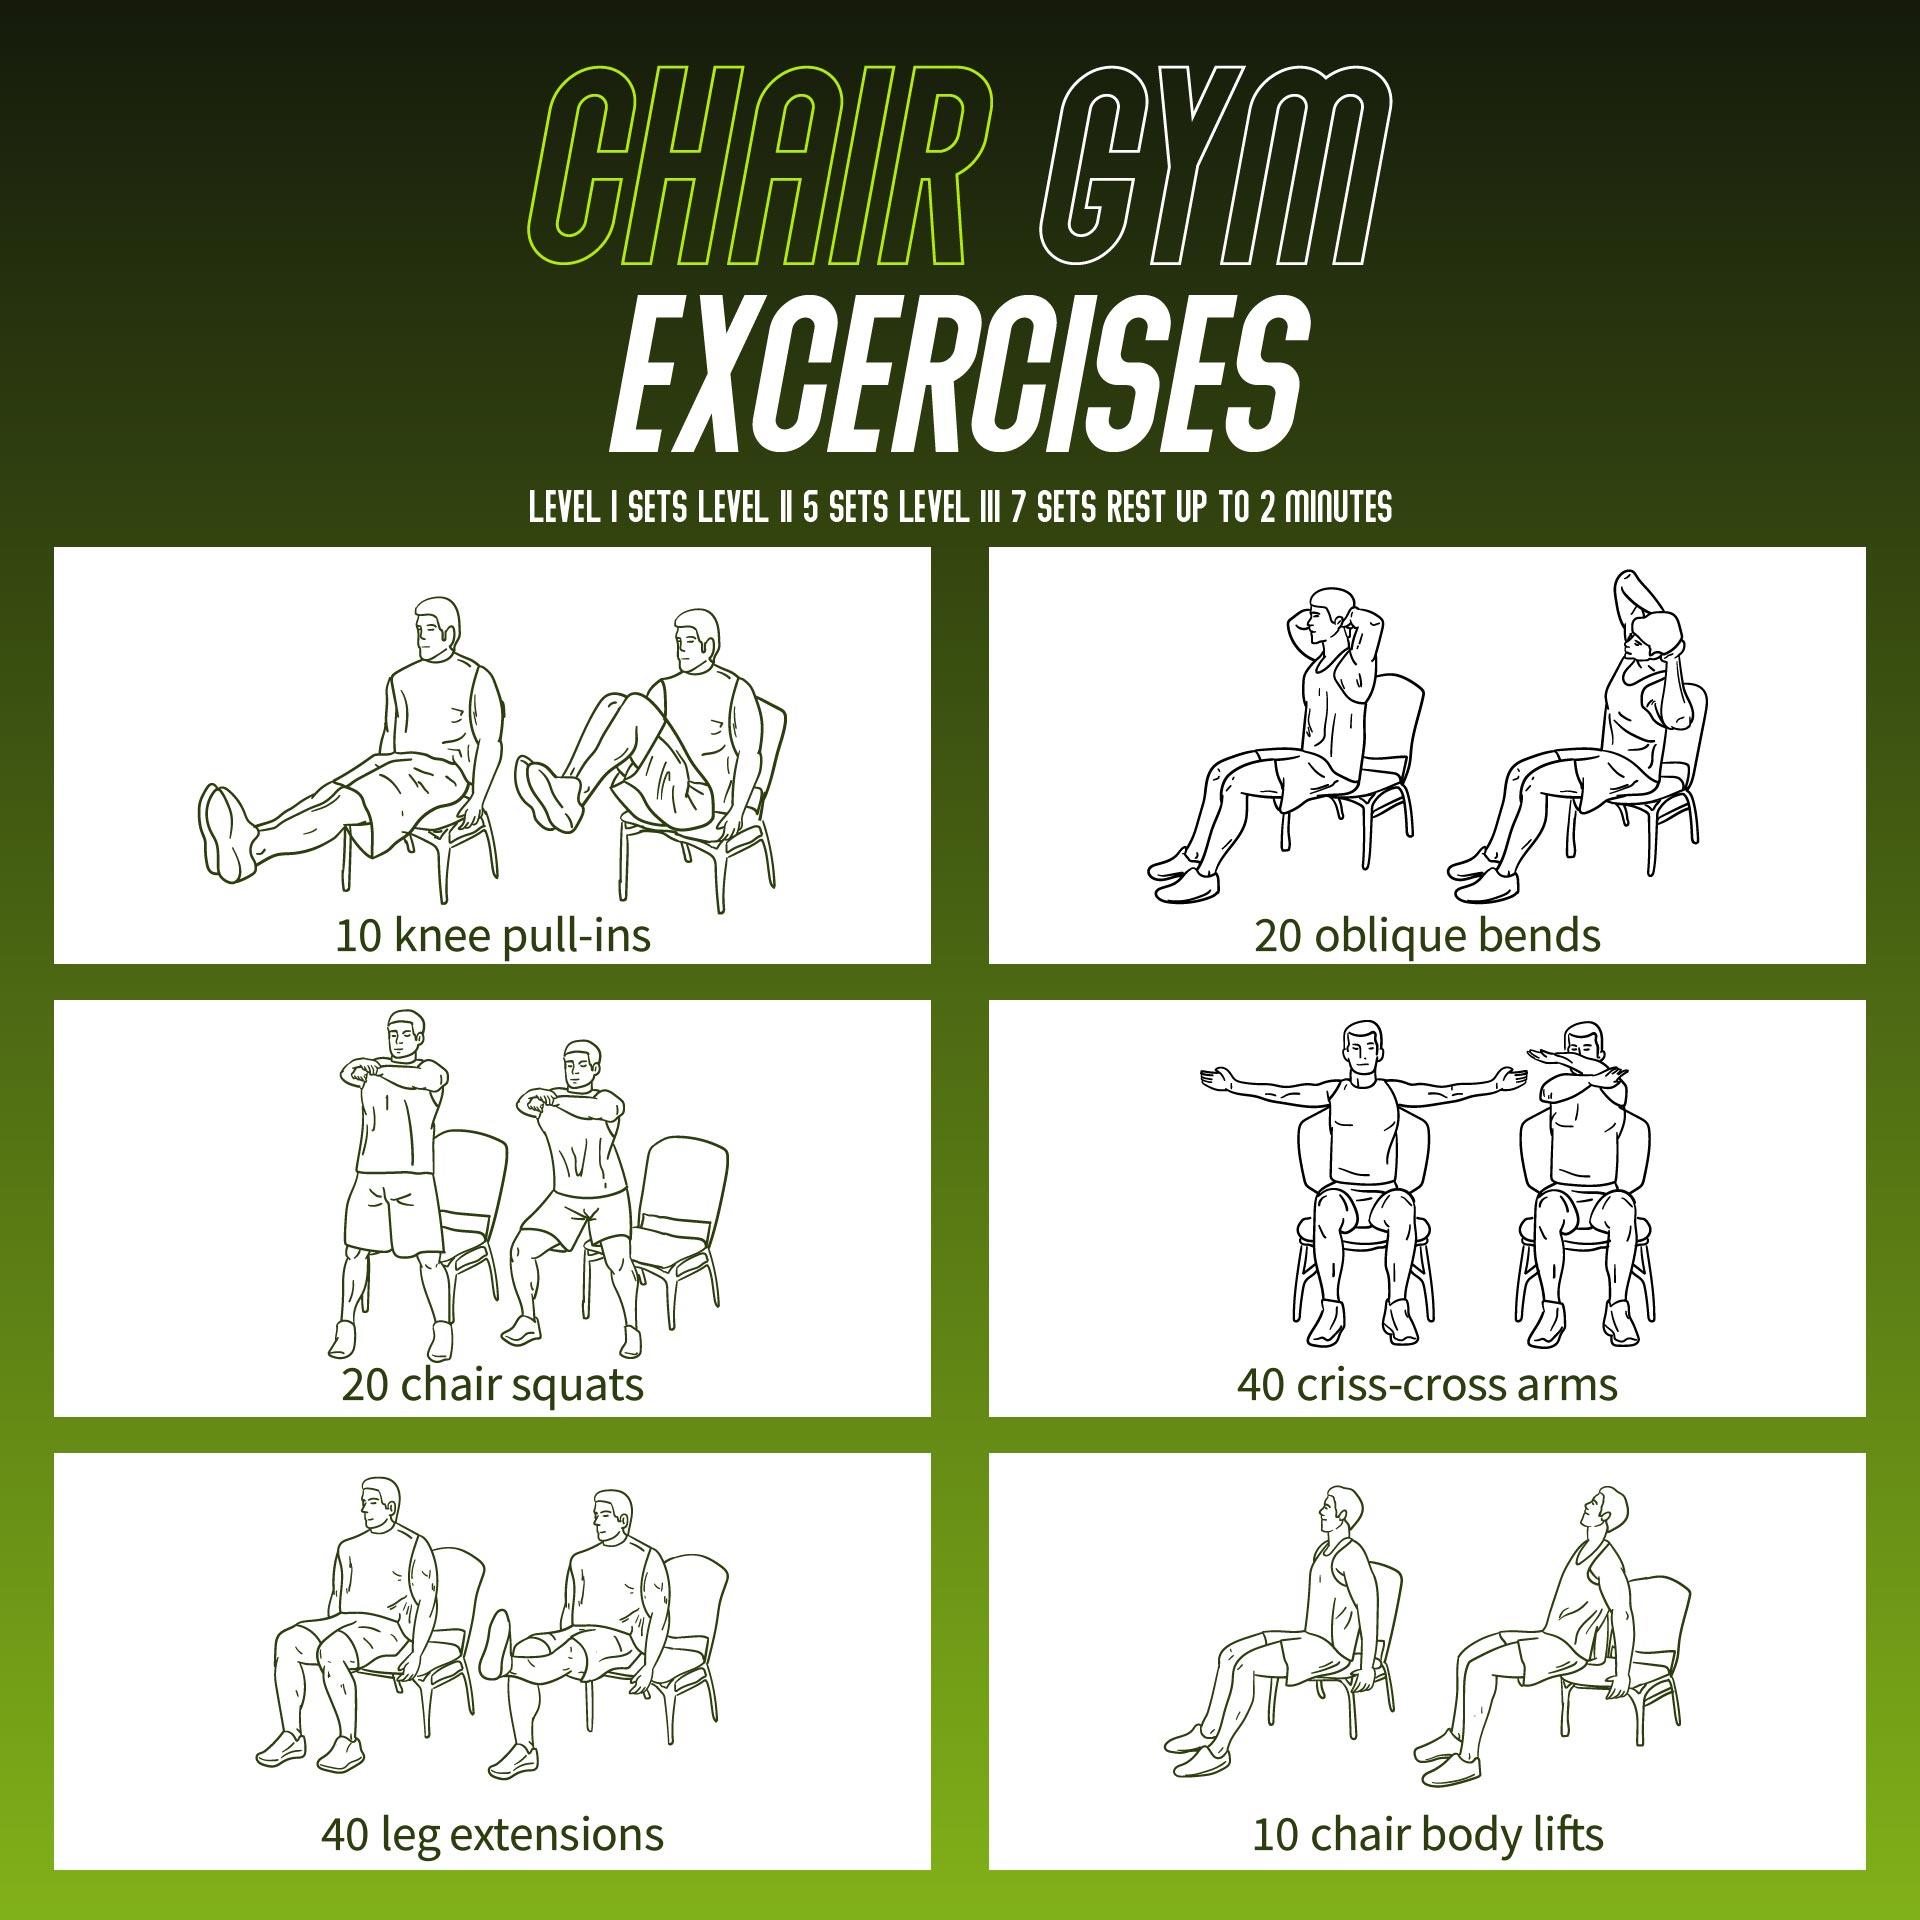 Best Chair Exercises for Seniors